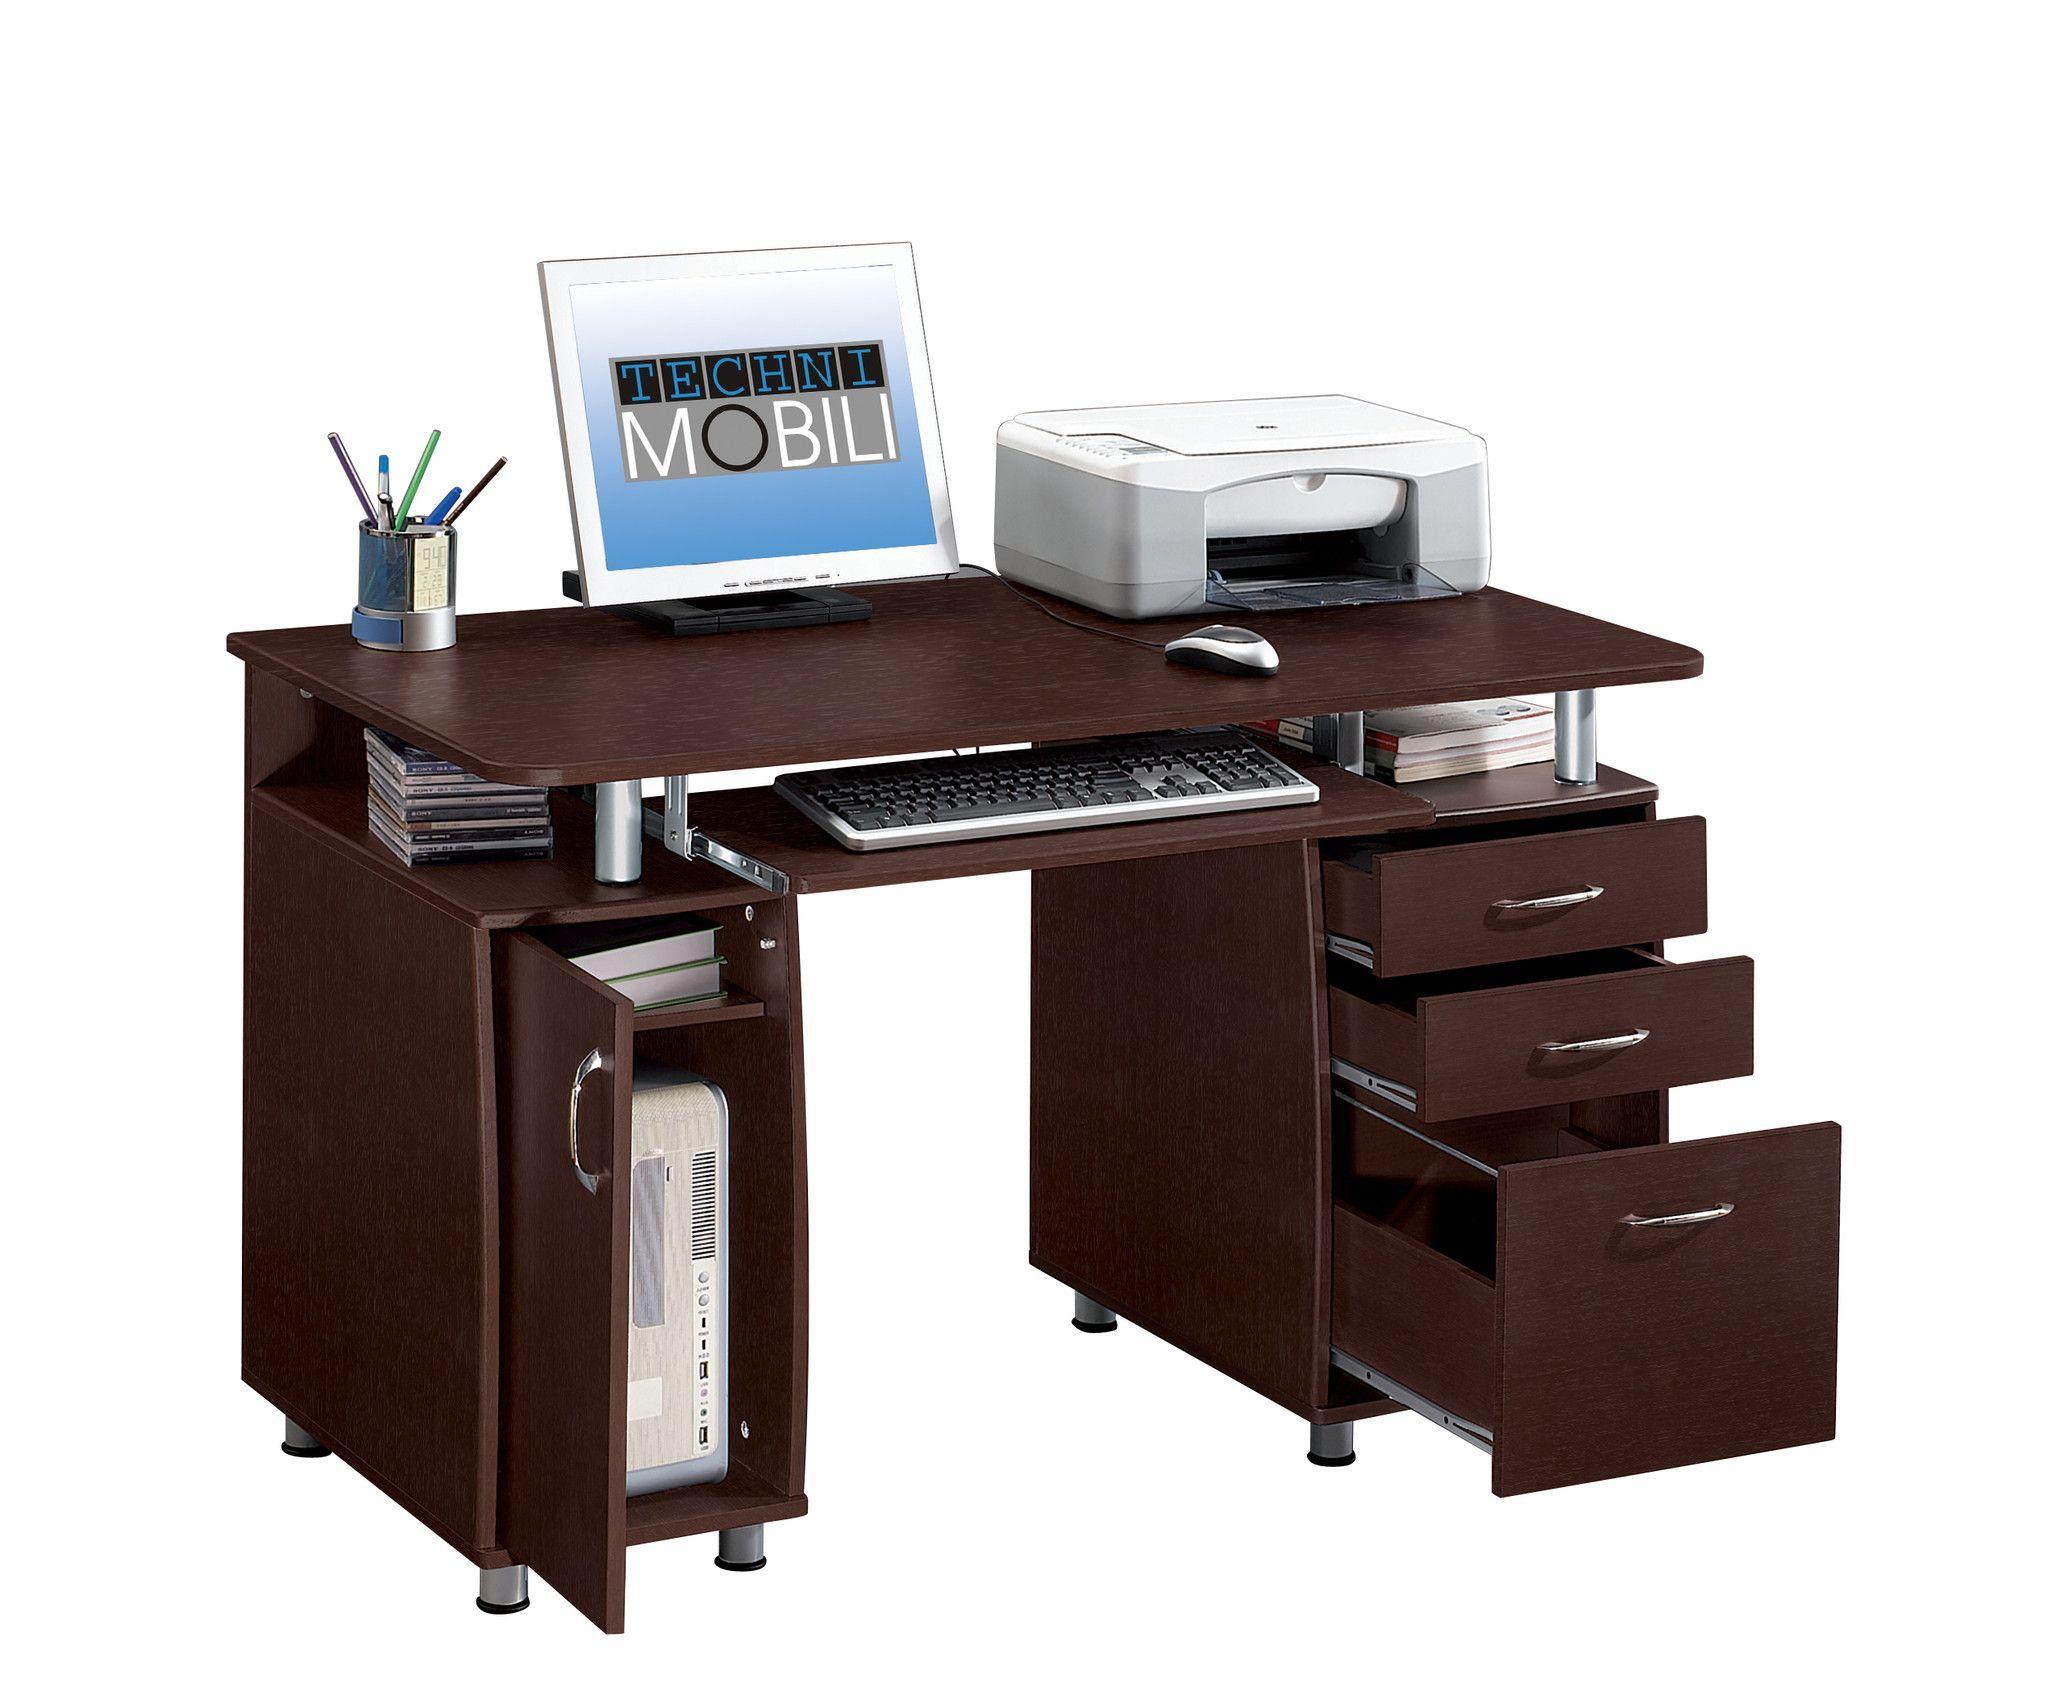 Techni Mobili Complete Computer Desk Small Computer Desk Modern Home Office Desk Computer Desk